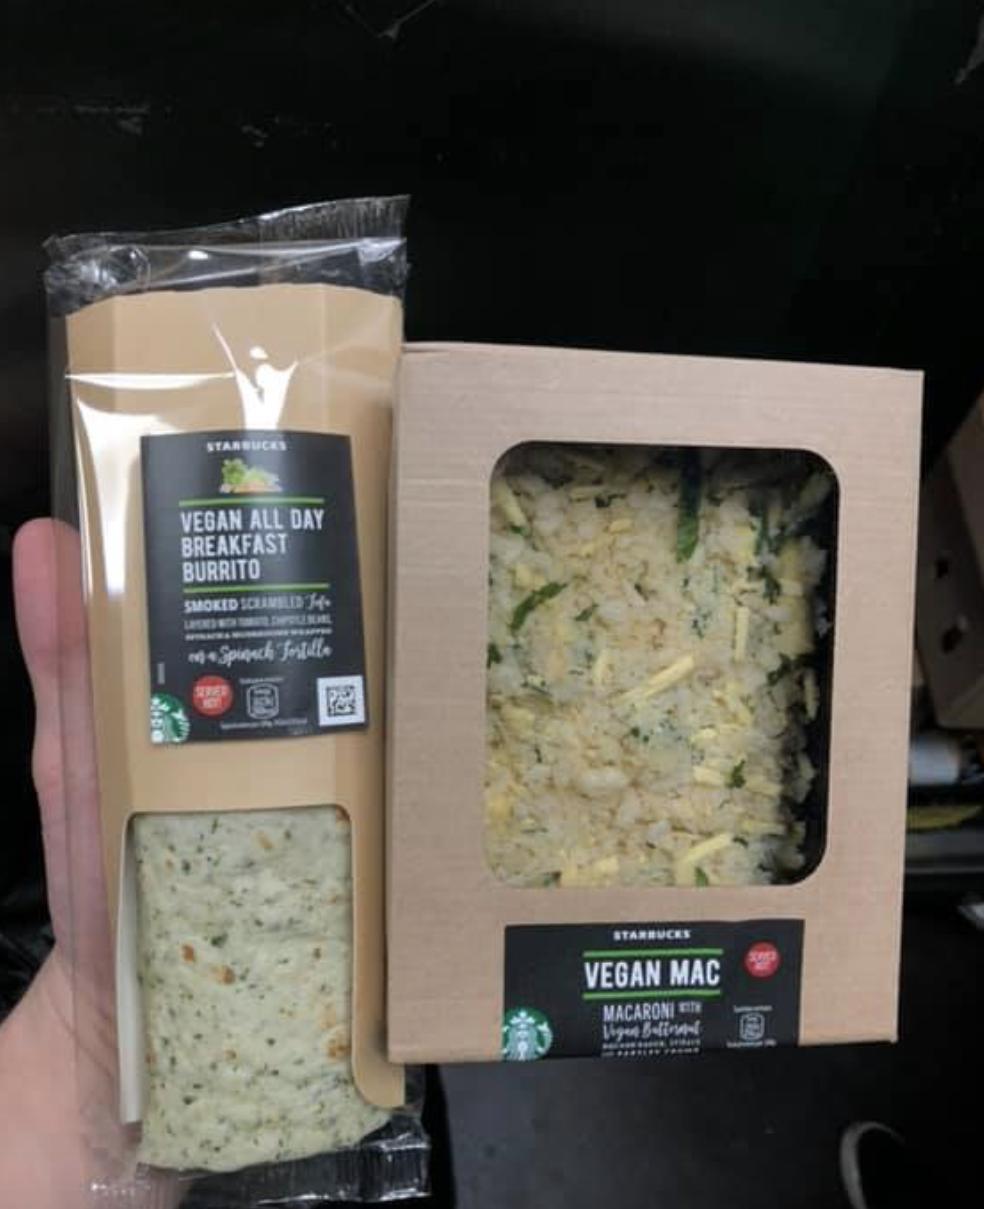 vegan starbucks burritos and mac and cheese